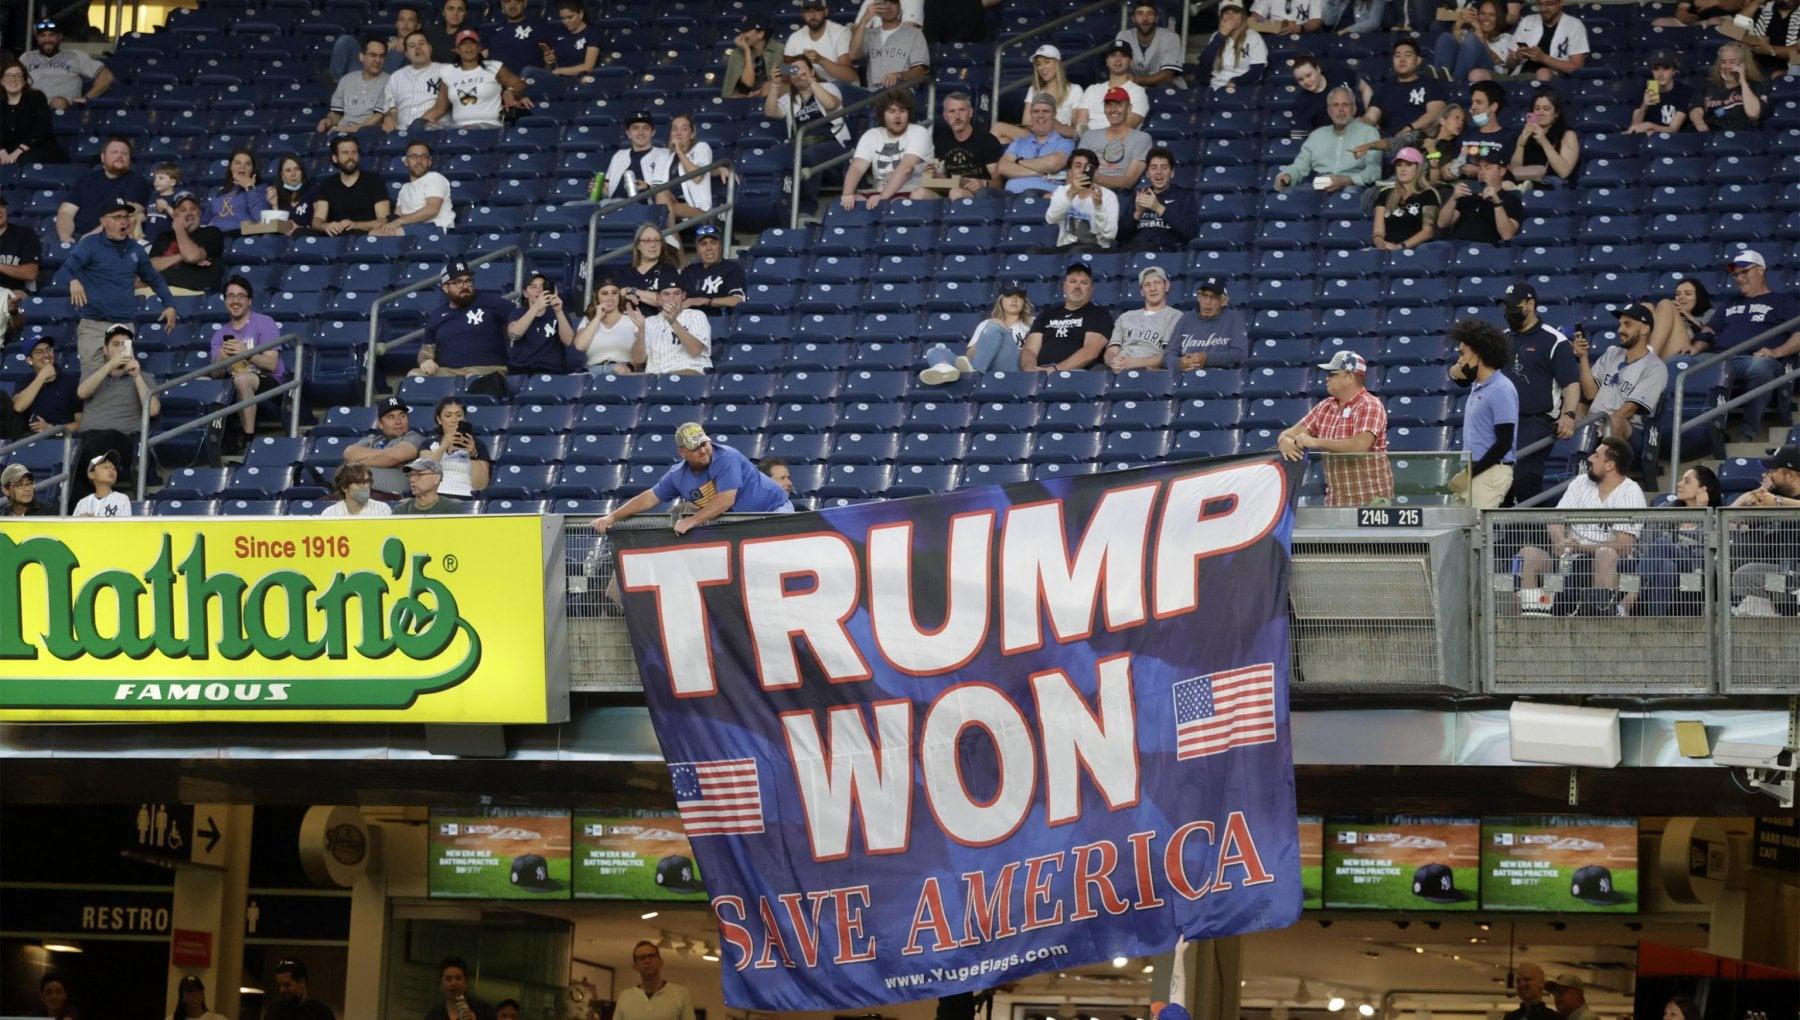 030002625 9ac4e309 883c 4ccb 95a8 b0df1593956c - La Procura di New York indaga sulle interferenze dell'Ucraina per favorire la rielezione di Trump. Il legame sarebbe Giuliani